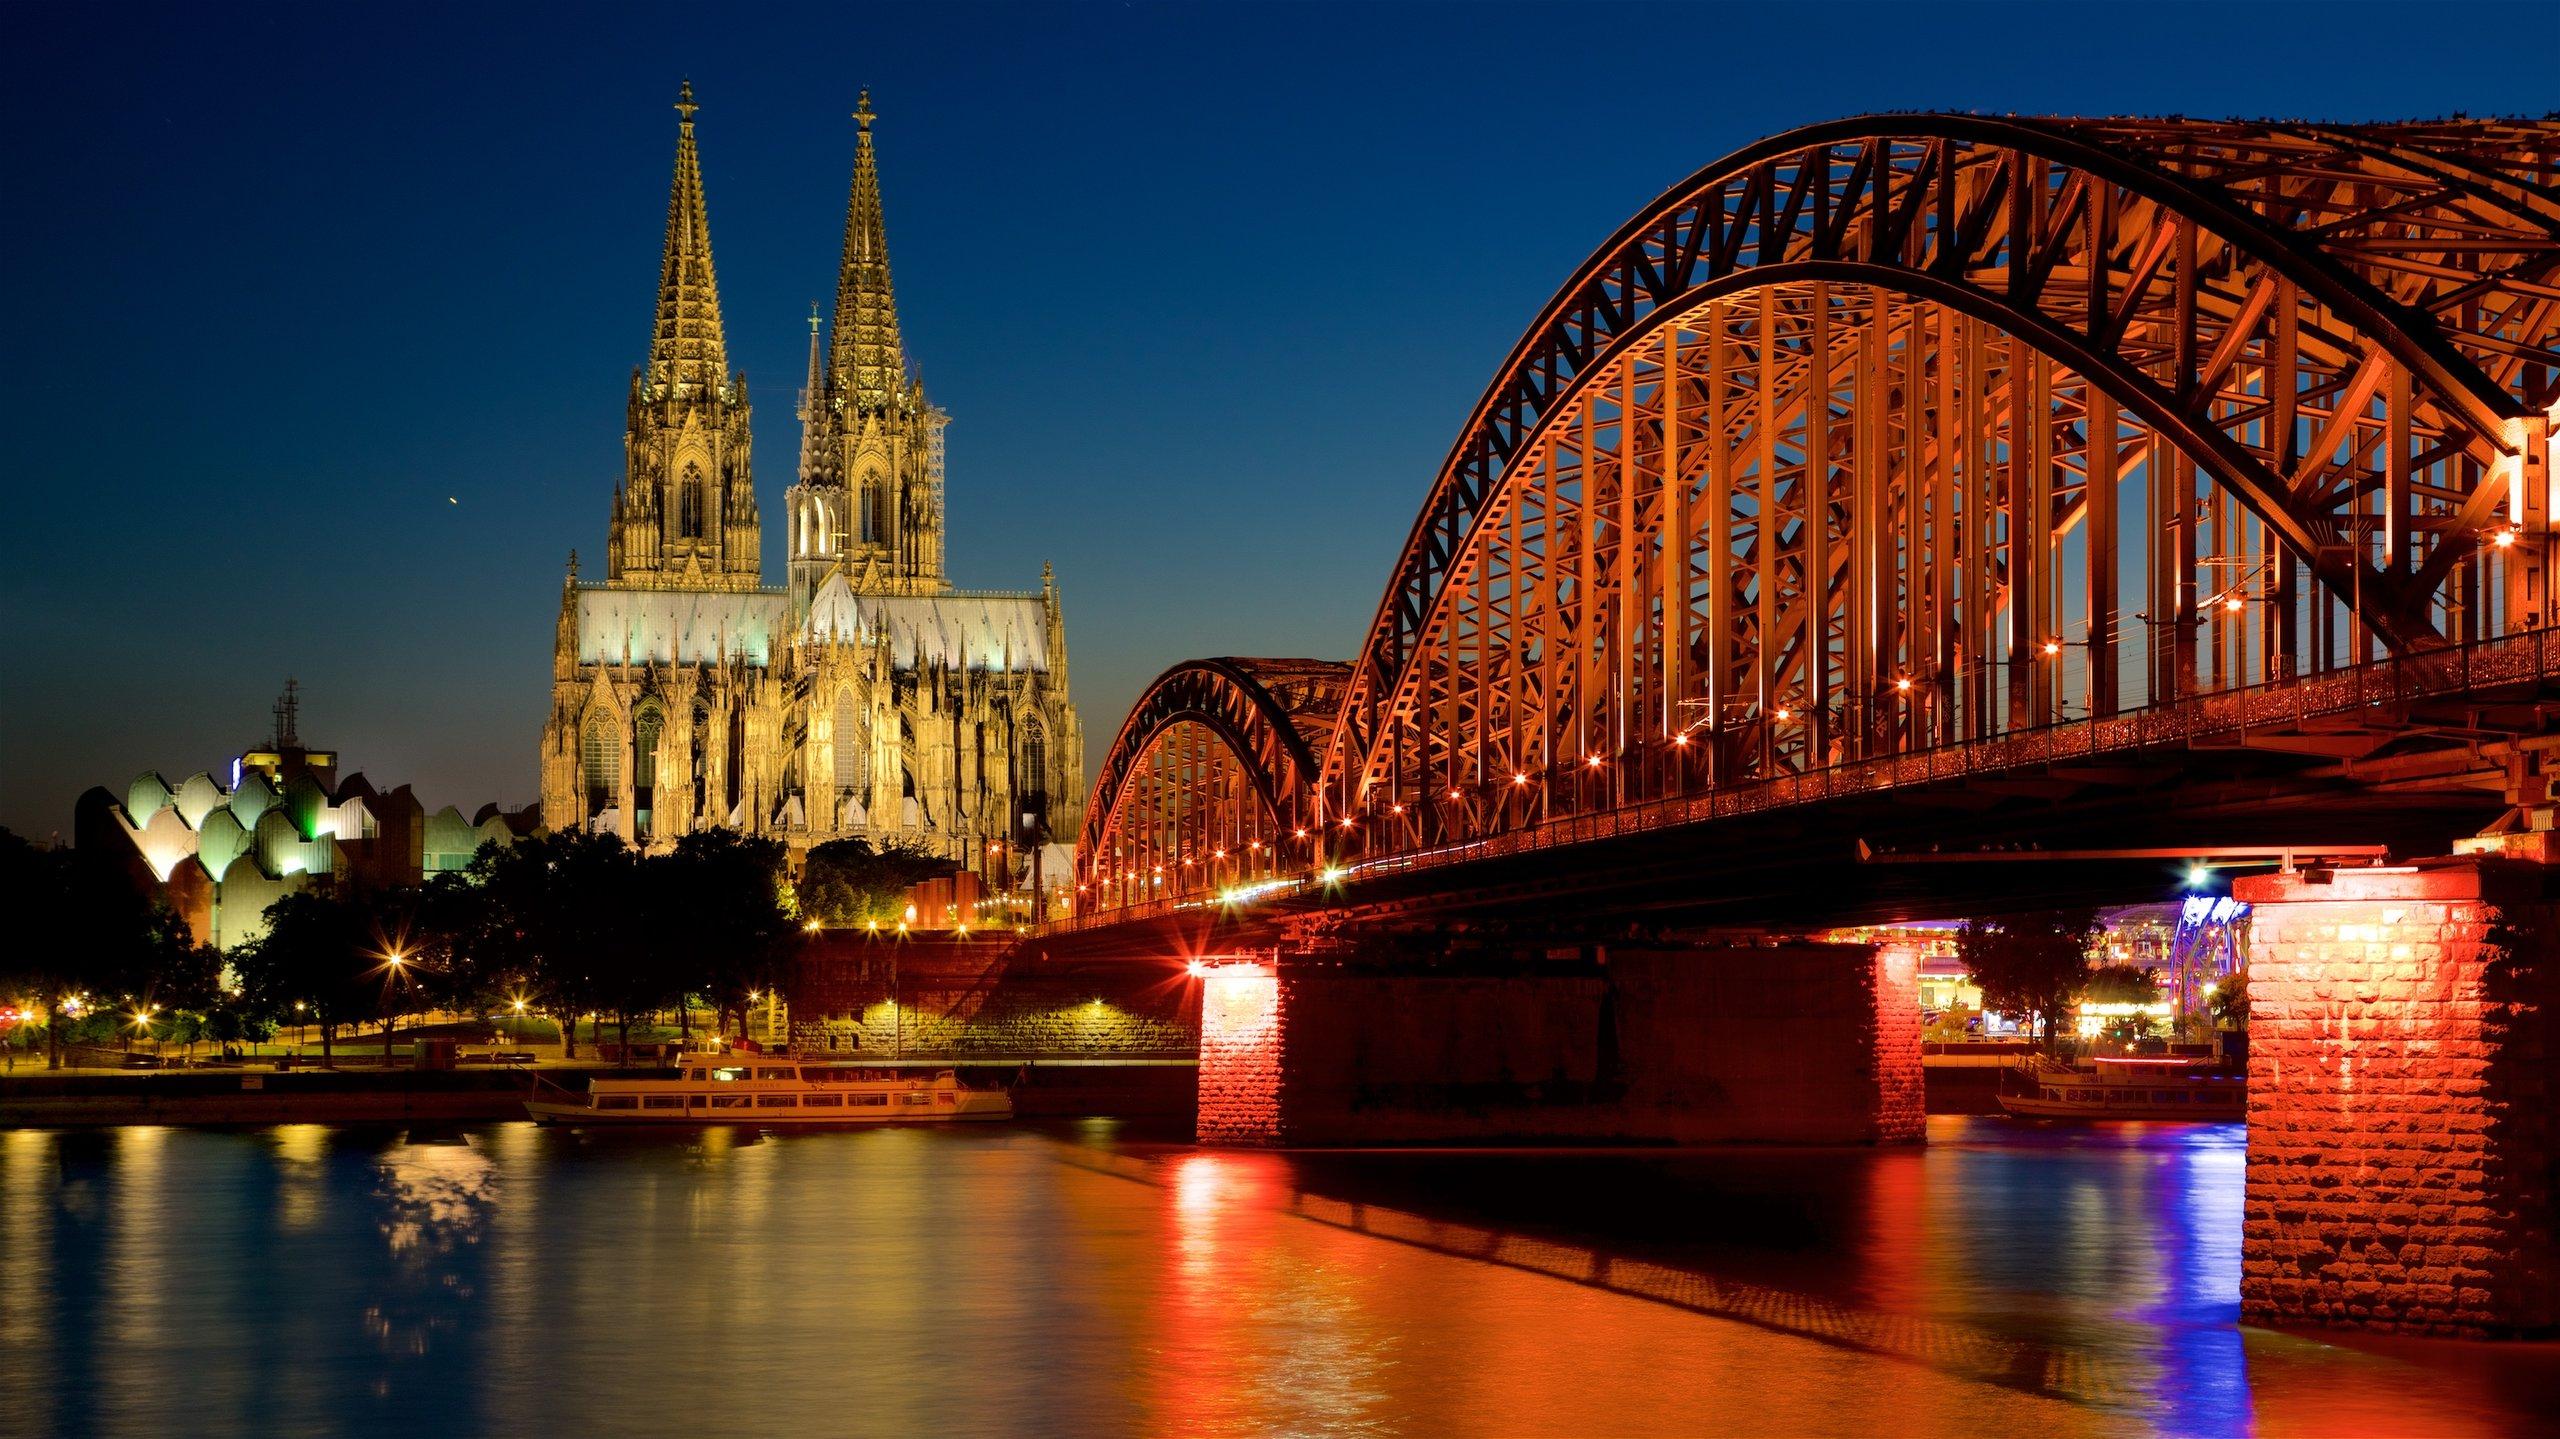 Altstadt-Sued, Cologne, North Rhine-Westphalia, Germany